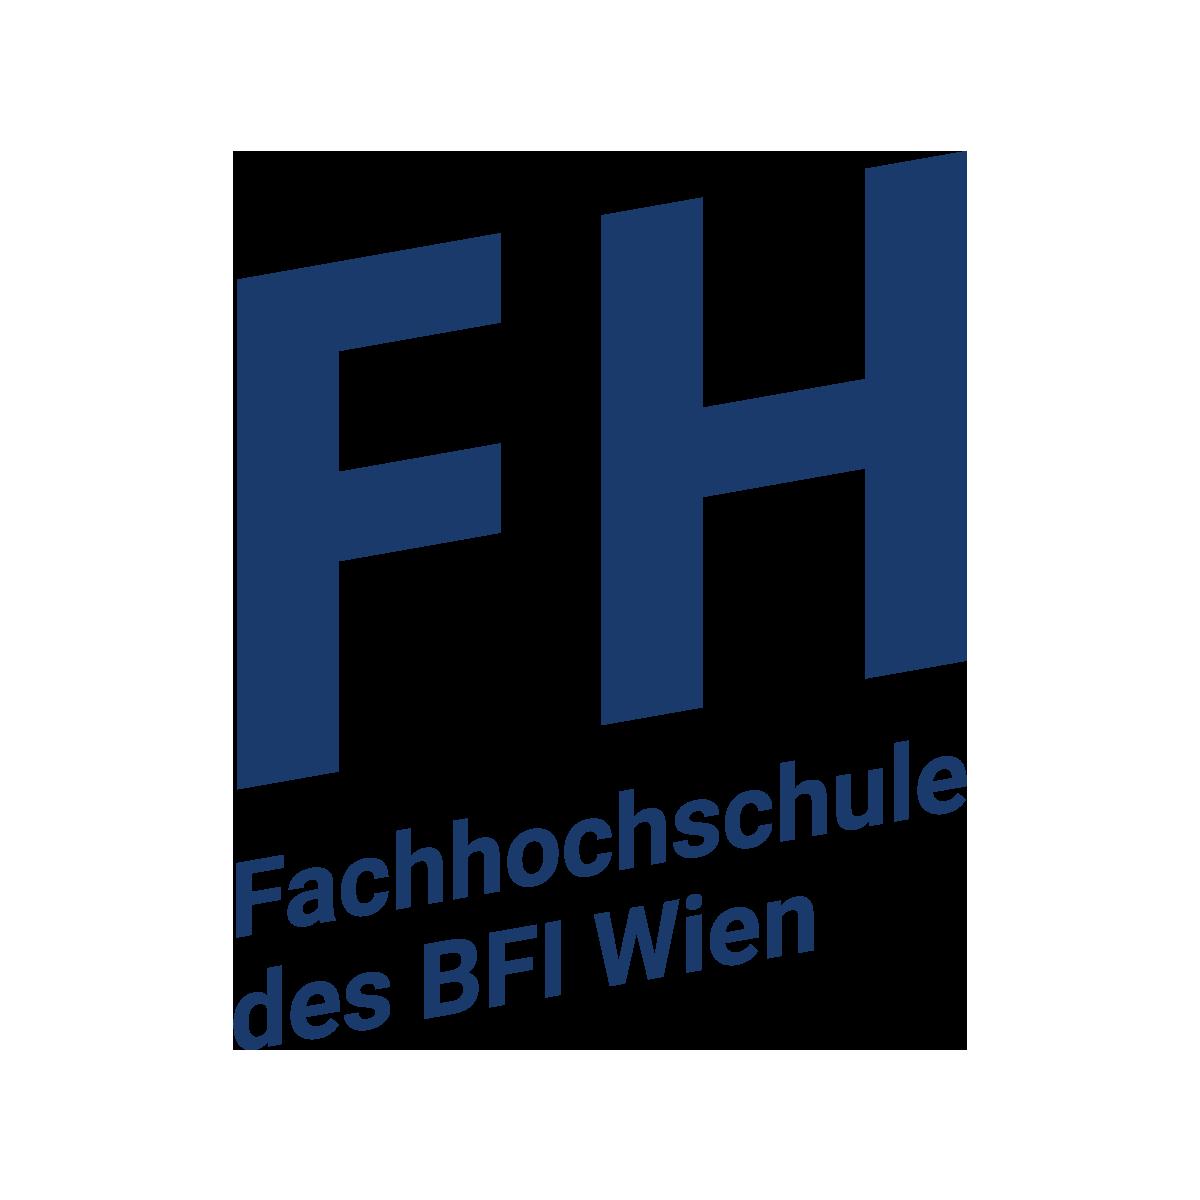 FH des BFI Wien